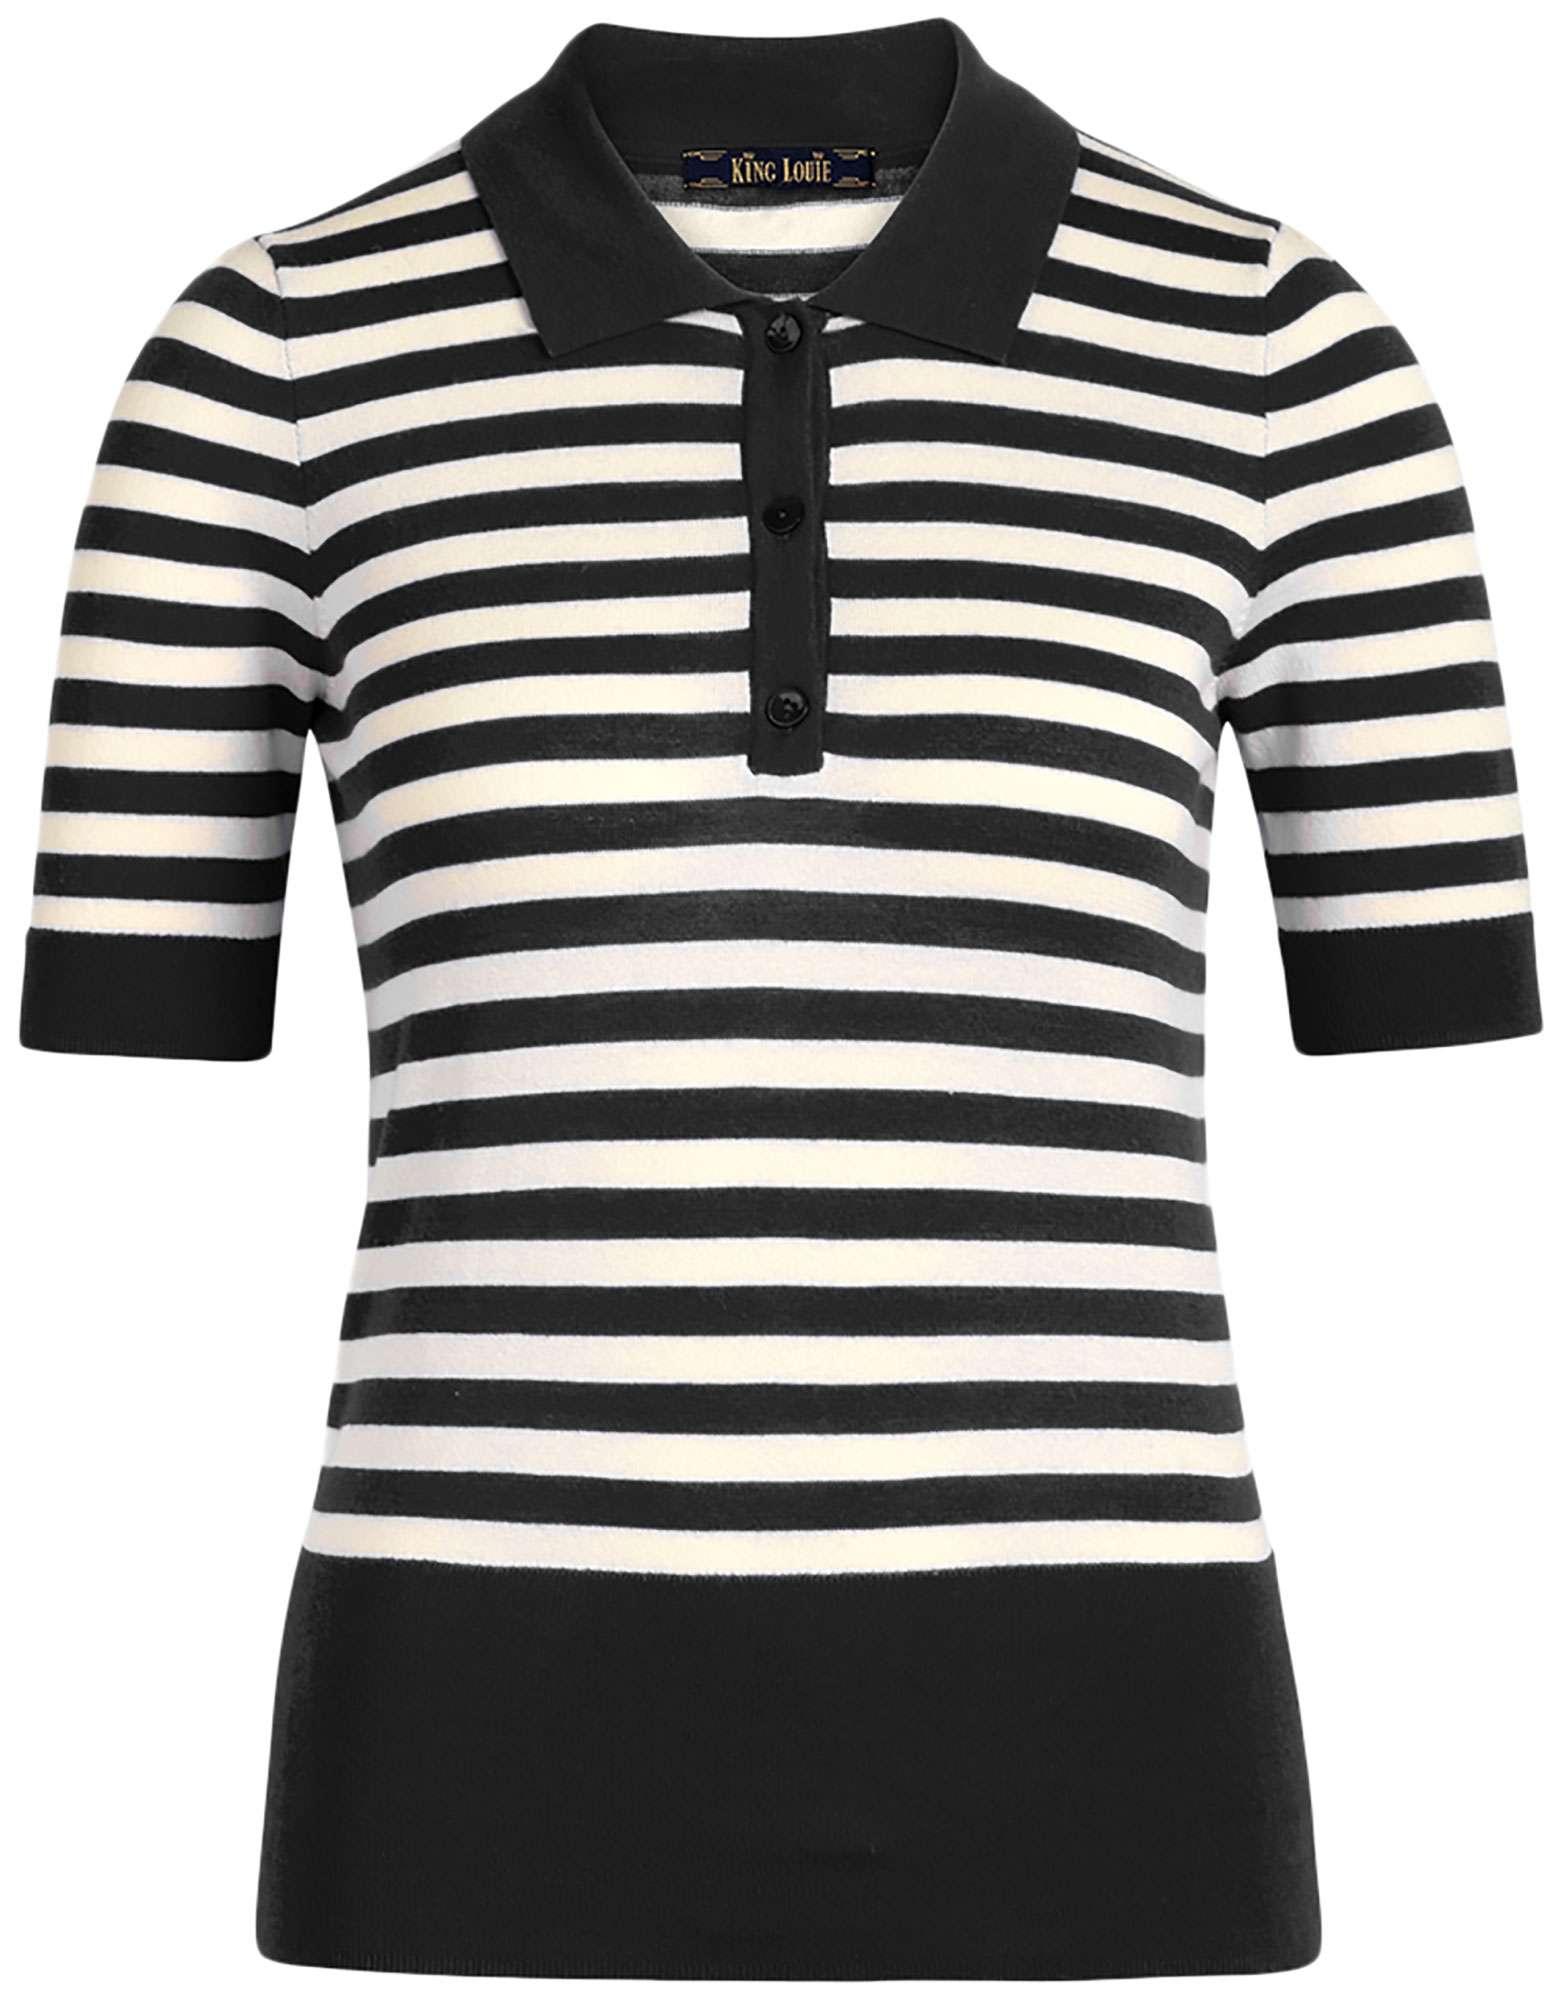 Polo top classic stripe black